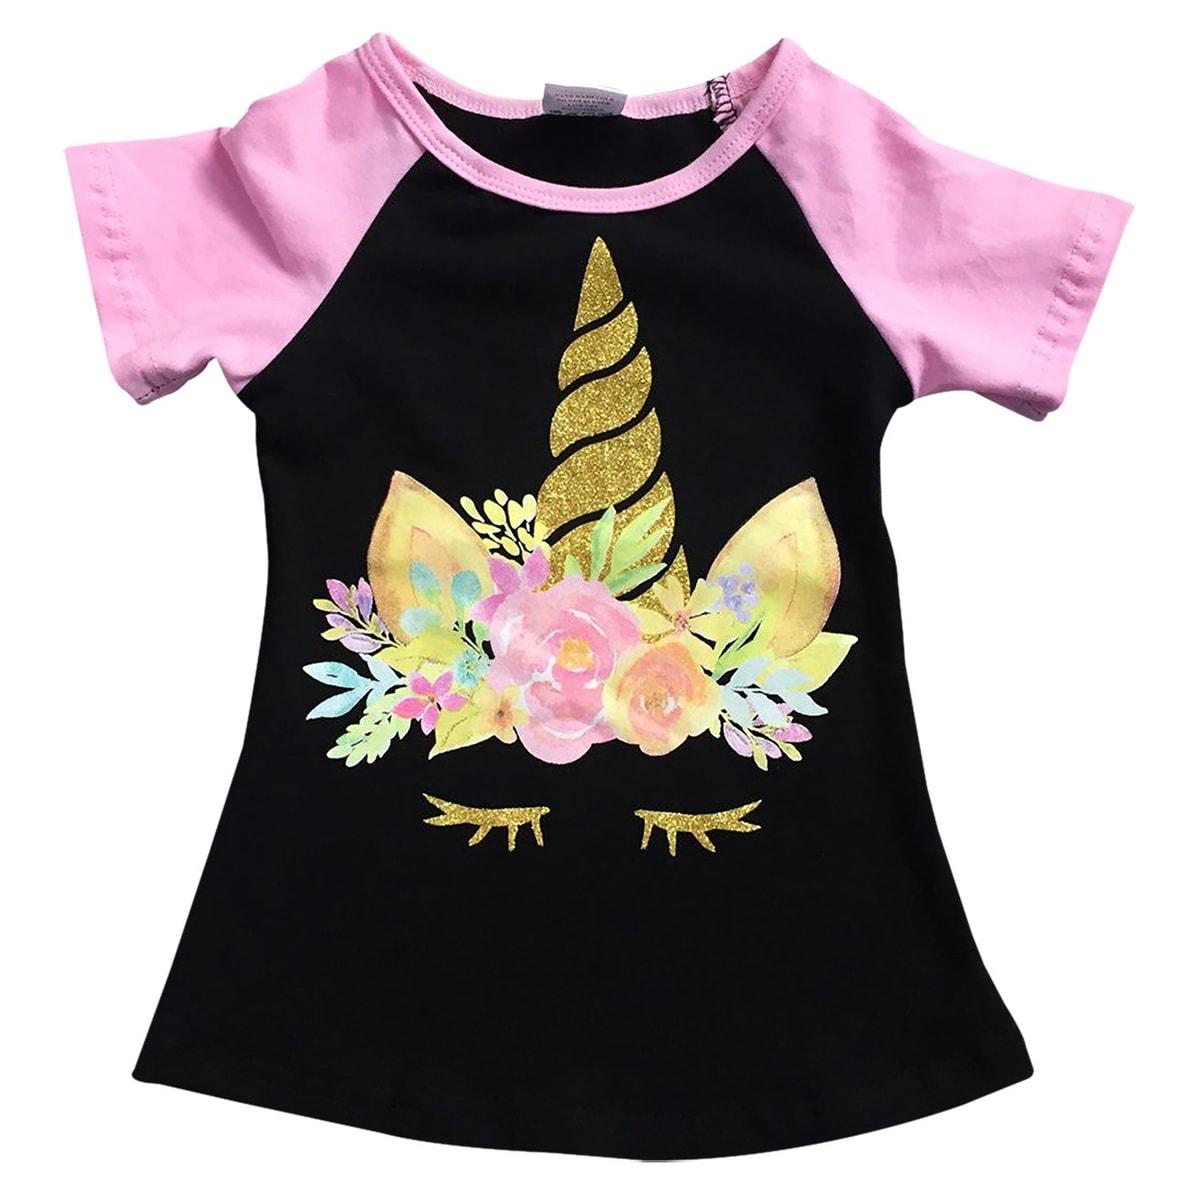 7f0e18c36a8 Black T Shirt For Toddler Girl